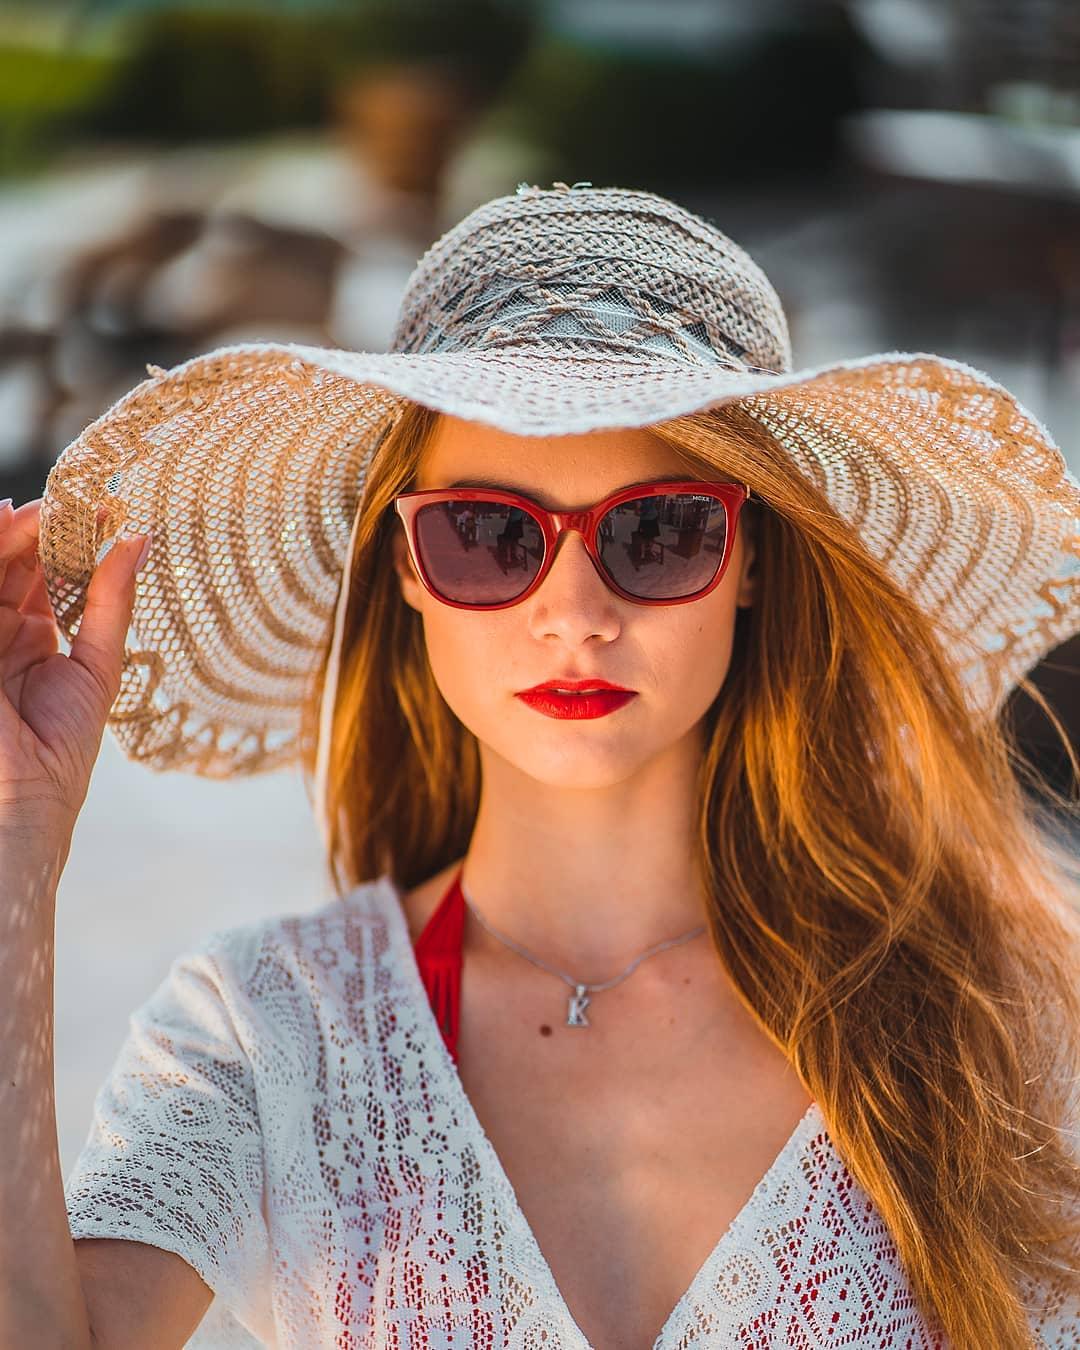 Léto je v plném proudu Užívejte tyto červencové horké dny a bez slunečních brýlí z domu určitě neodcházejte  Ty teď v našem letním výprodeji pořídíte až s 40% slevou!  . . . . . #mexx #vasecocky #slunecnibryle #sunglasses #sunglassesfashion #sunglasseslover #sunglassesstyle #sunglassestrends #sunnies #eyewearfashion #eyeweartrends #fashioninspiration